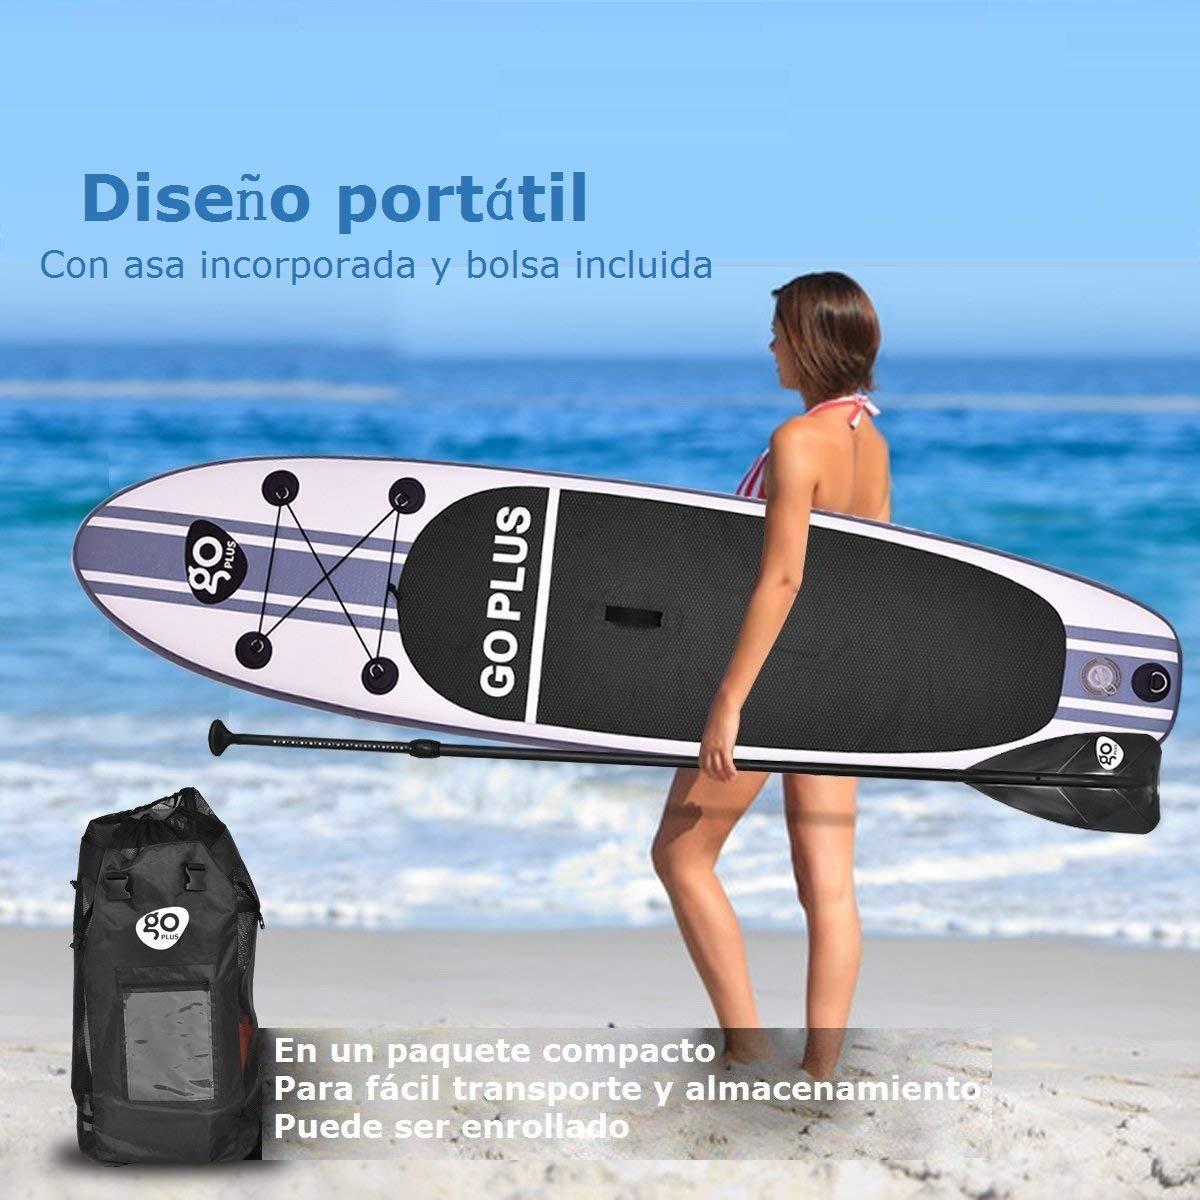 COSTWAY Tablas Paddle Hinchables Remo Surf Board Tablero Sup Stand Up Board Set 305 x 76 x 15cm Inflable Blanco: Amazon.es: Deportes y aire libre